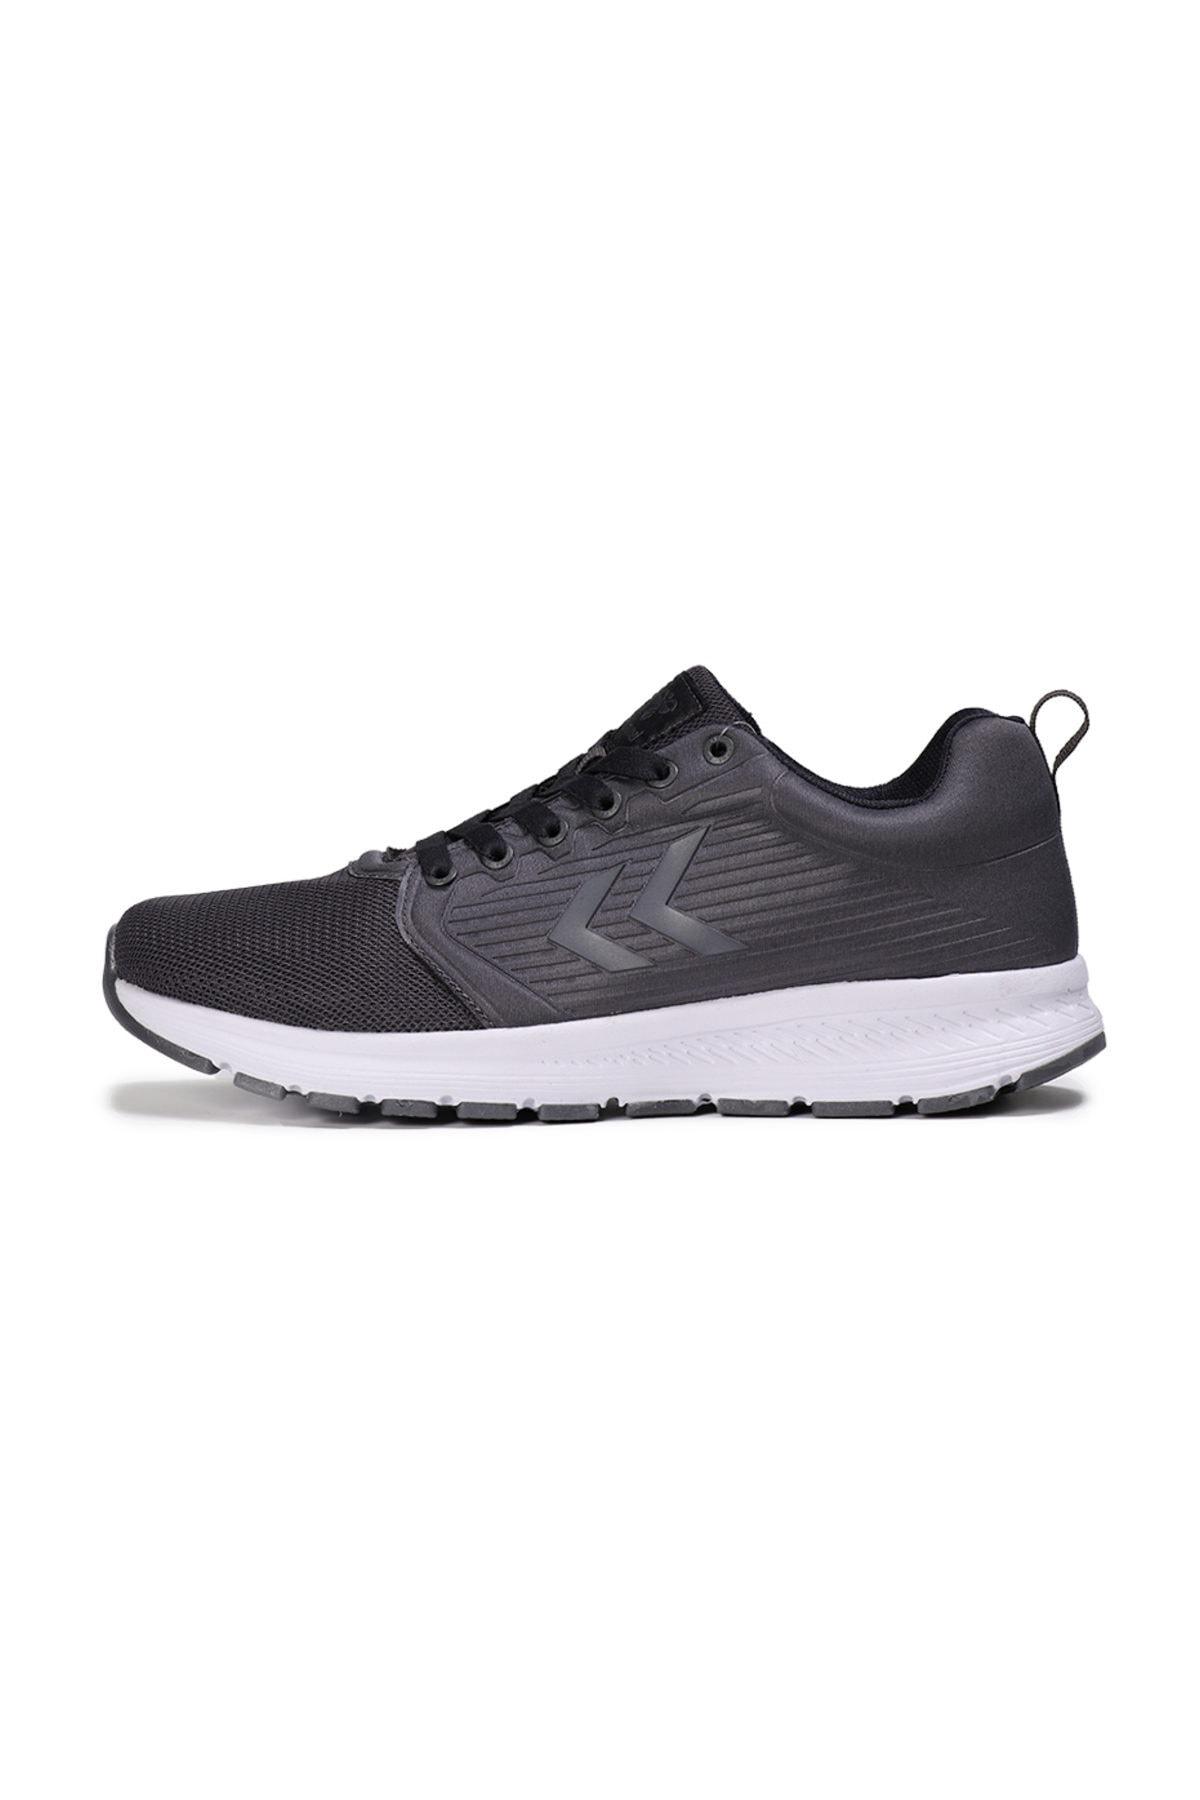 خرید نقدی کفش مخصوص پیاده روی مردانه  برند هومل رنگ نقره ای کد ty36519459